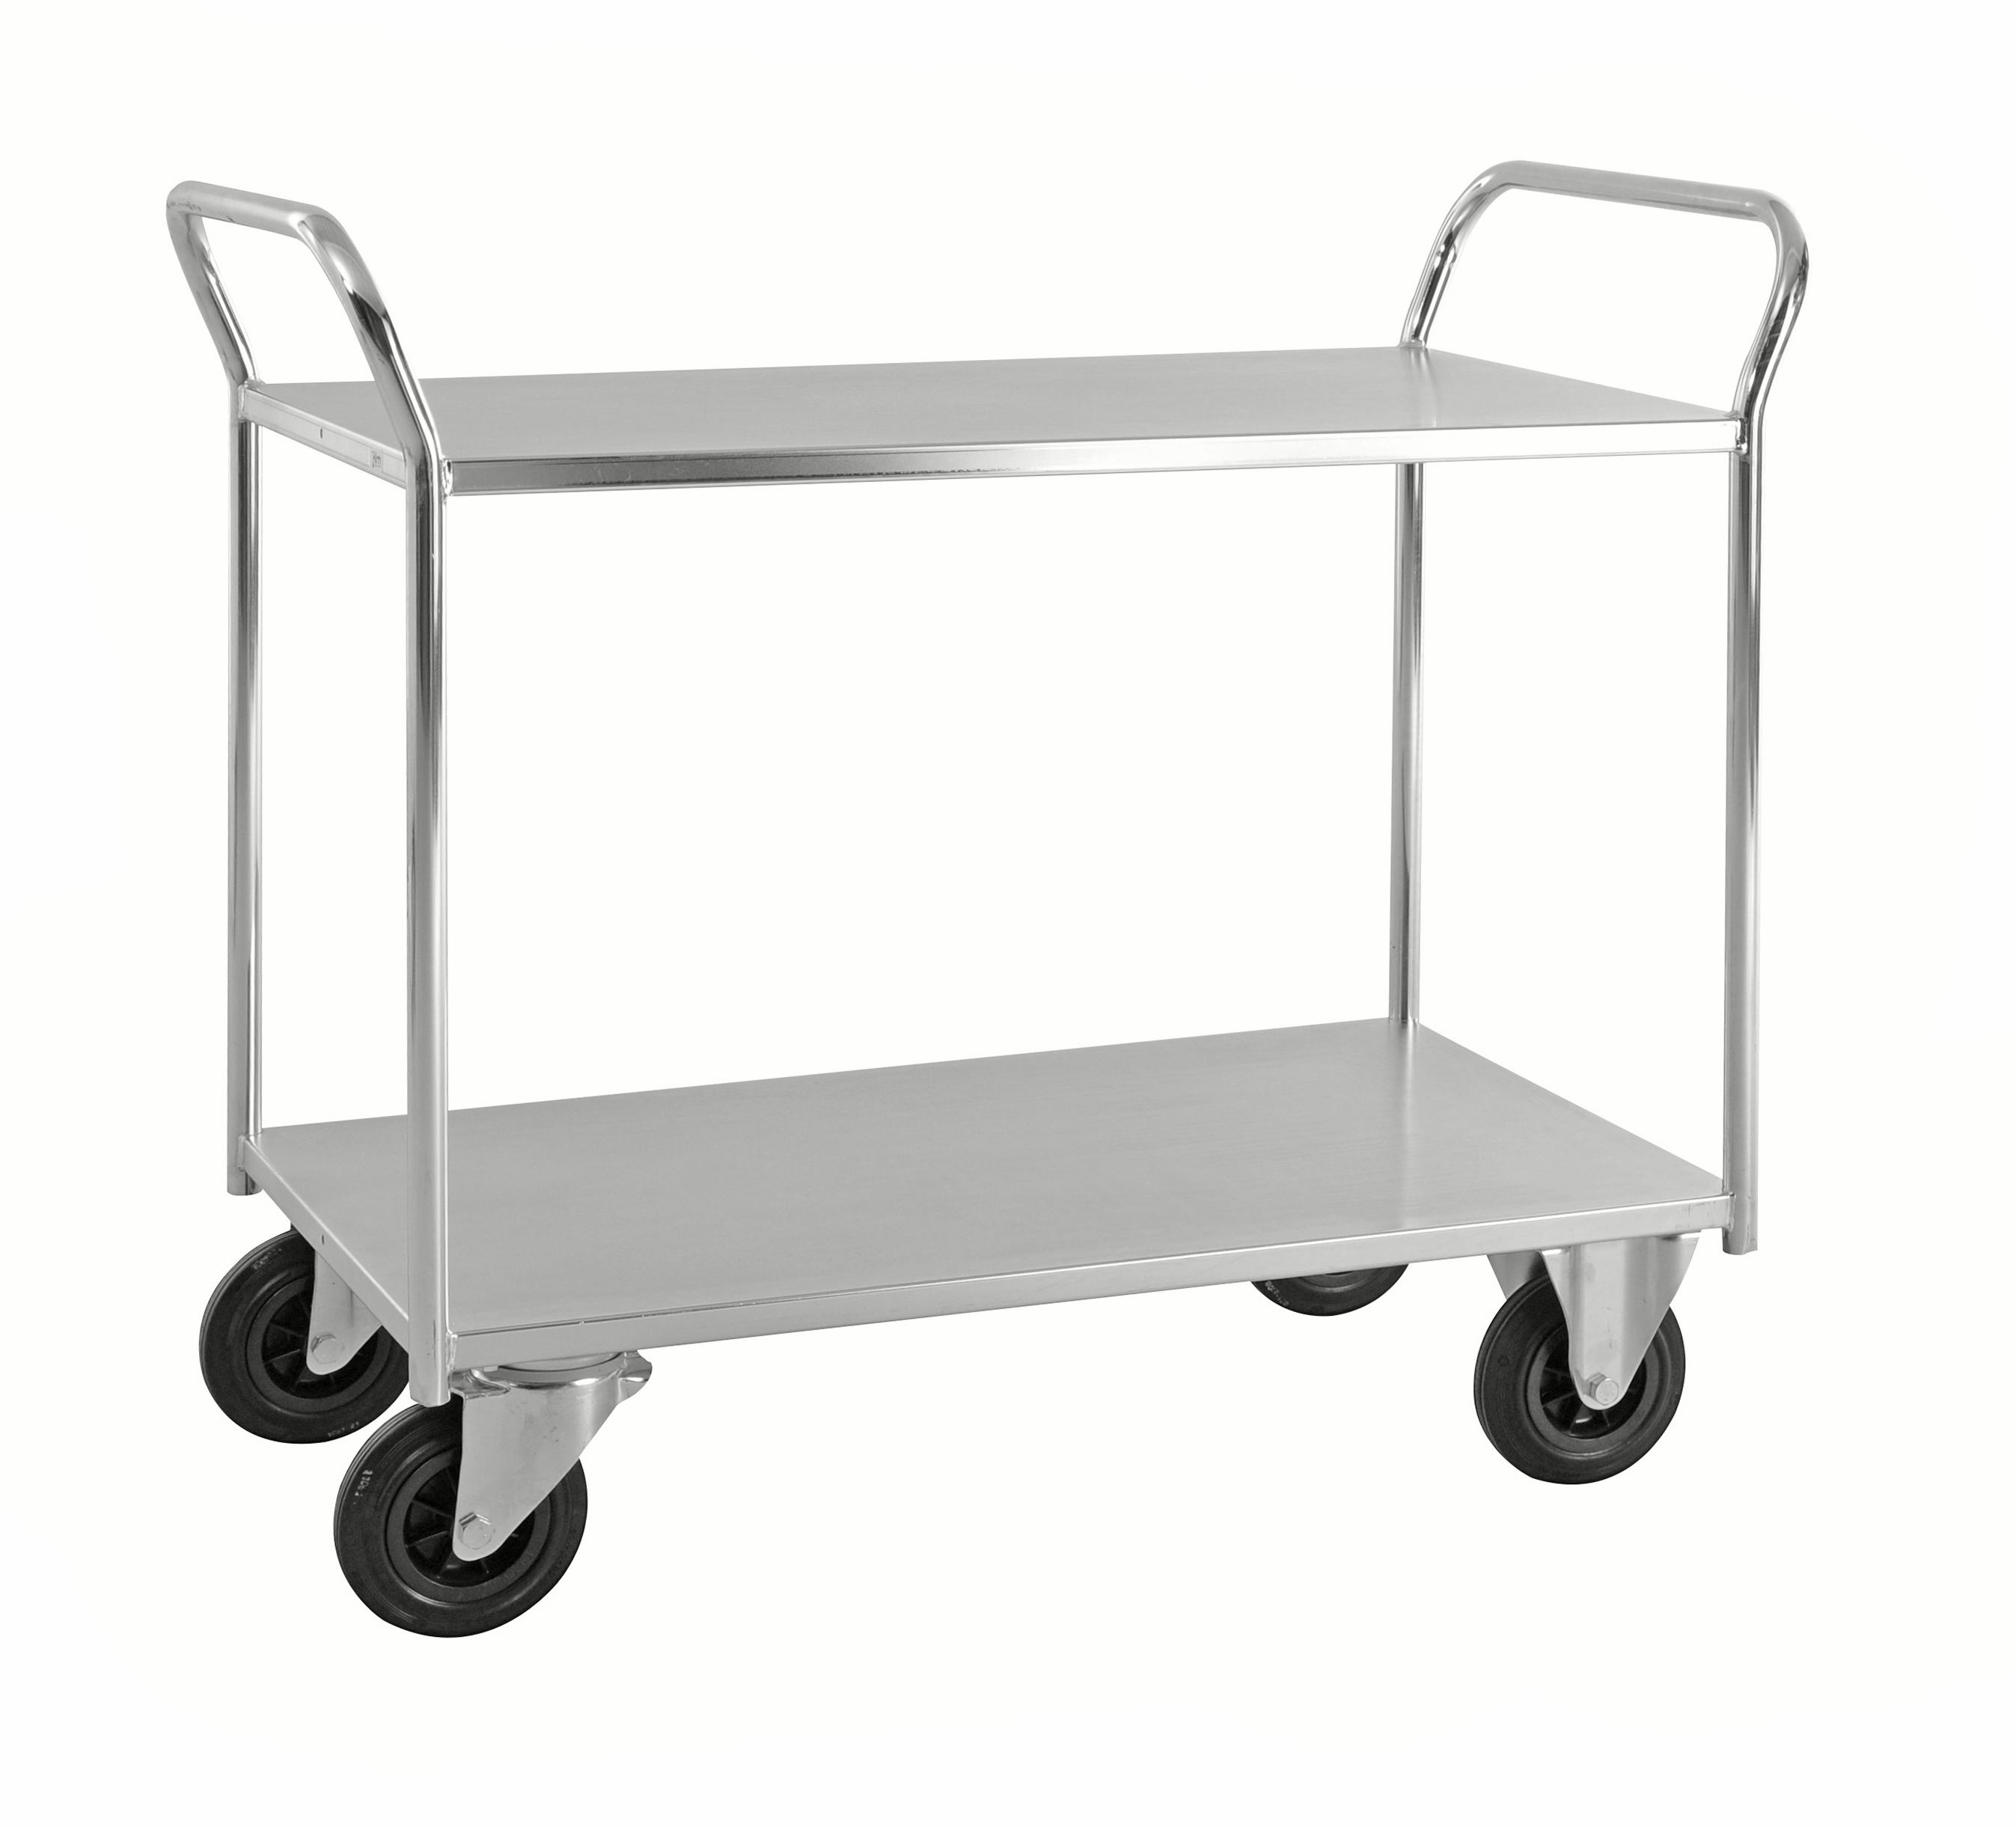 Shelf trolley 2 levels, fully welded KM4126-E